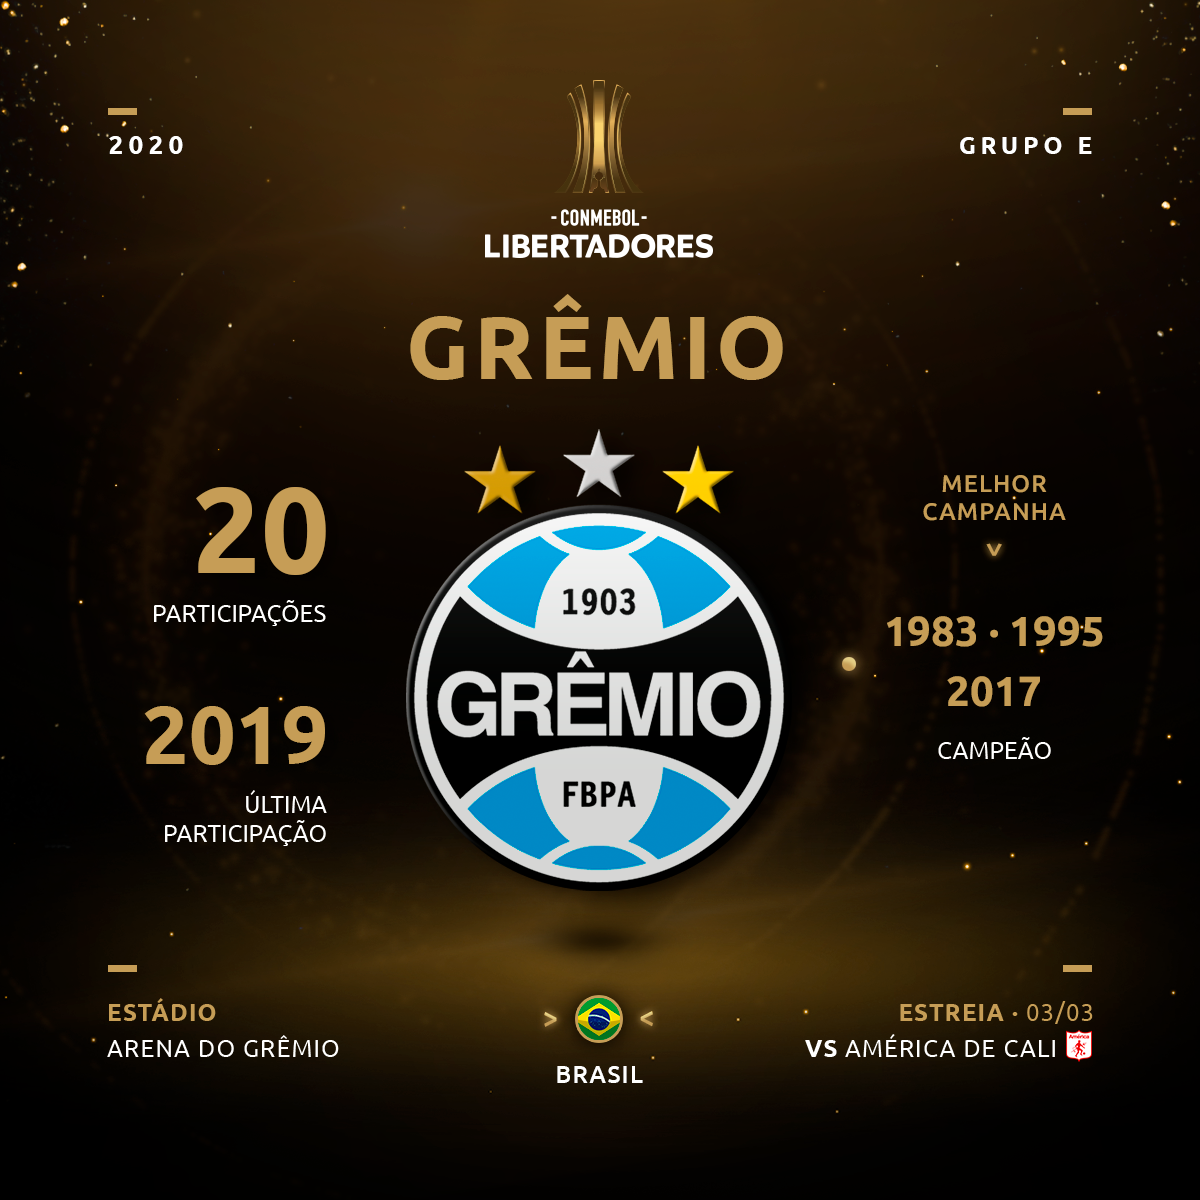 Grêmio Libertadores 2020